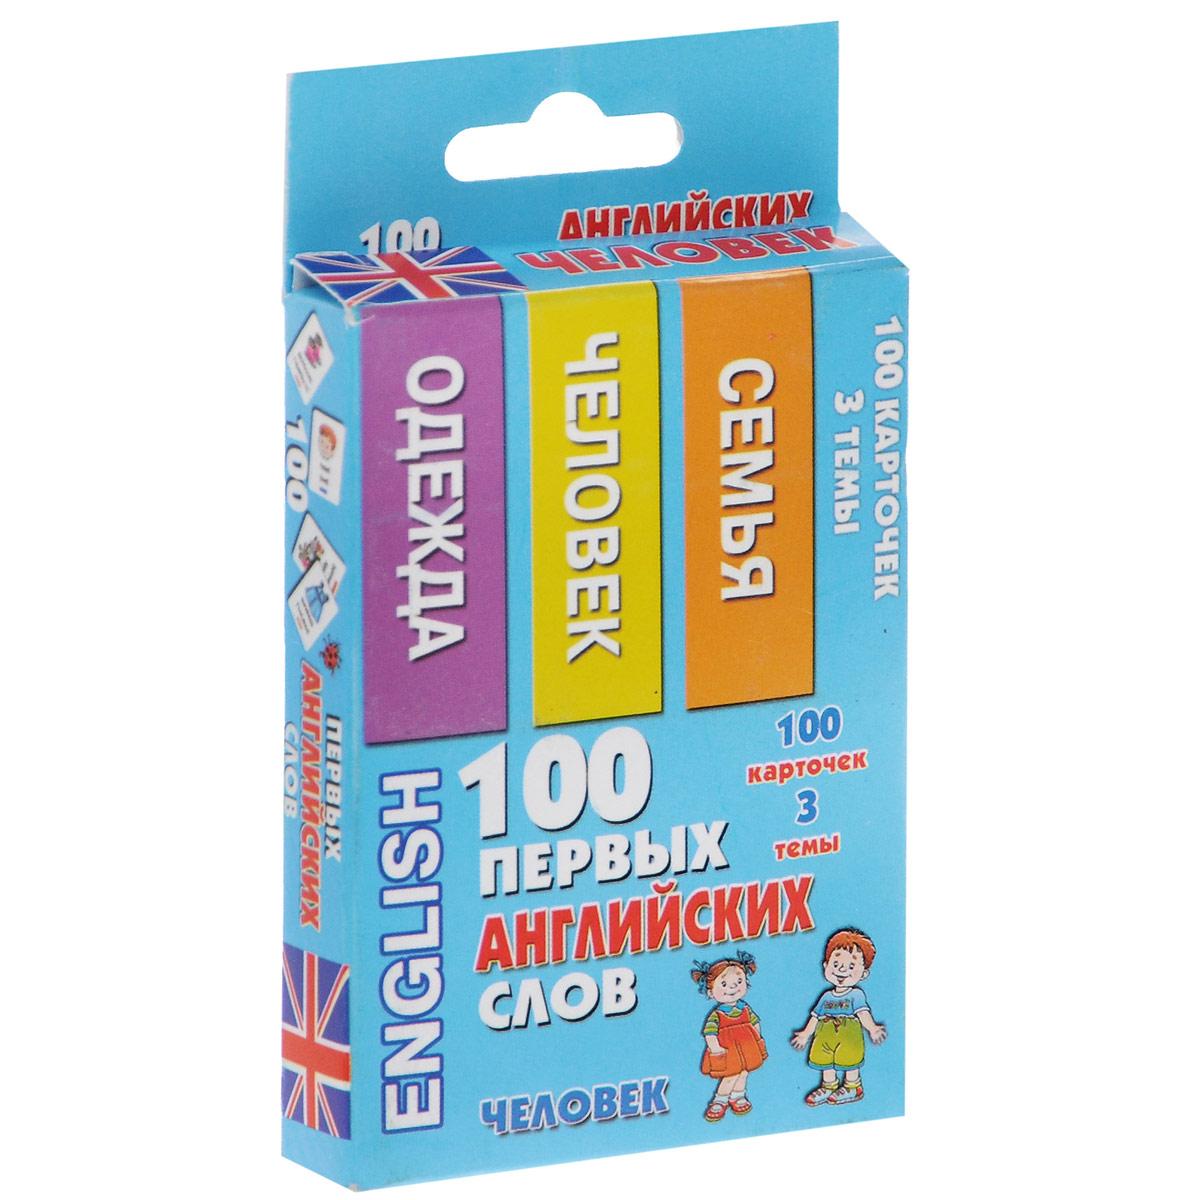 100 первых английских слов. Человек (набор из 100 карточек) наборы карточек шпаргалки для мамы набор карточек детские розыгрыши